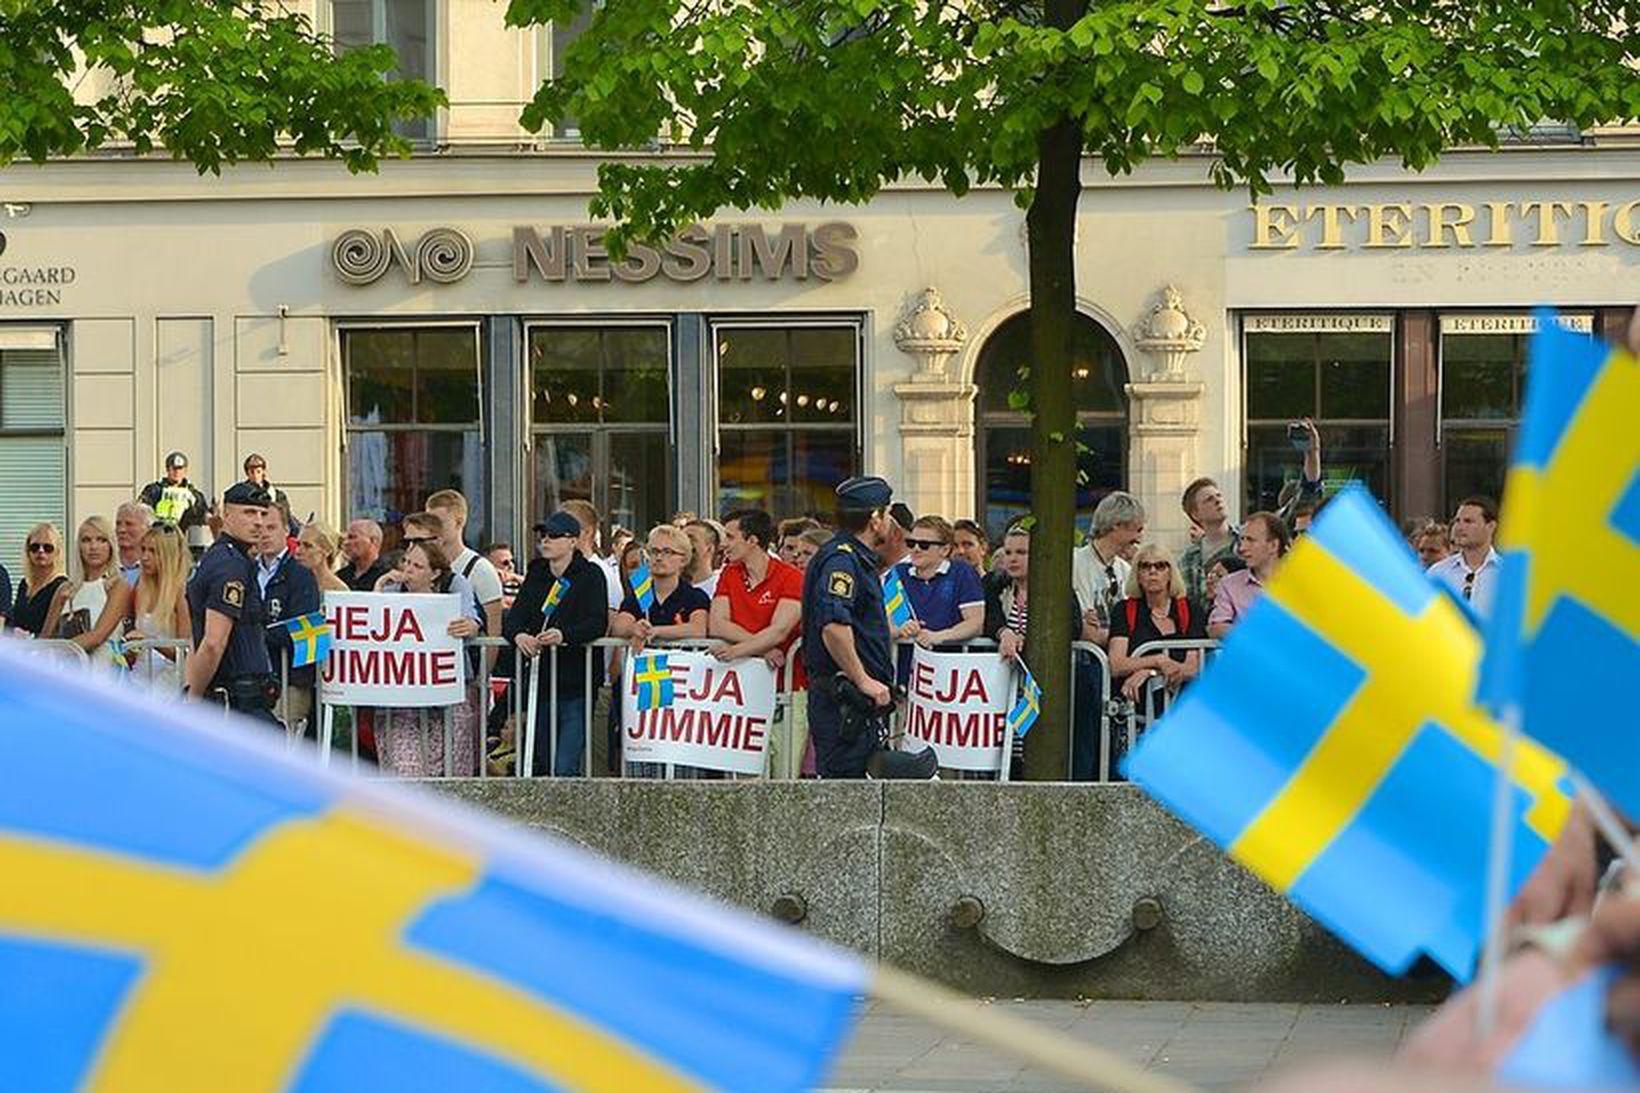 Svíþjóðardemókratar eru einn stærsti stjórnmálaflokkur Svíþjóðar.